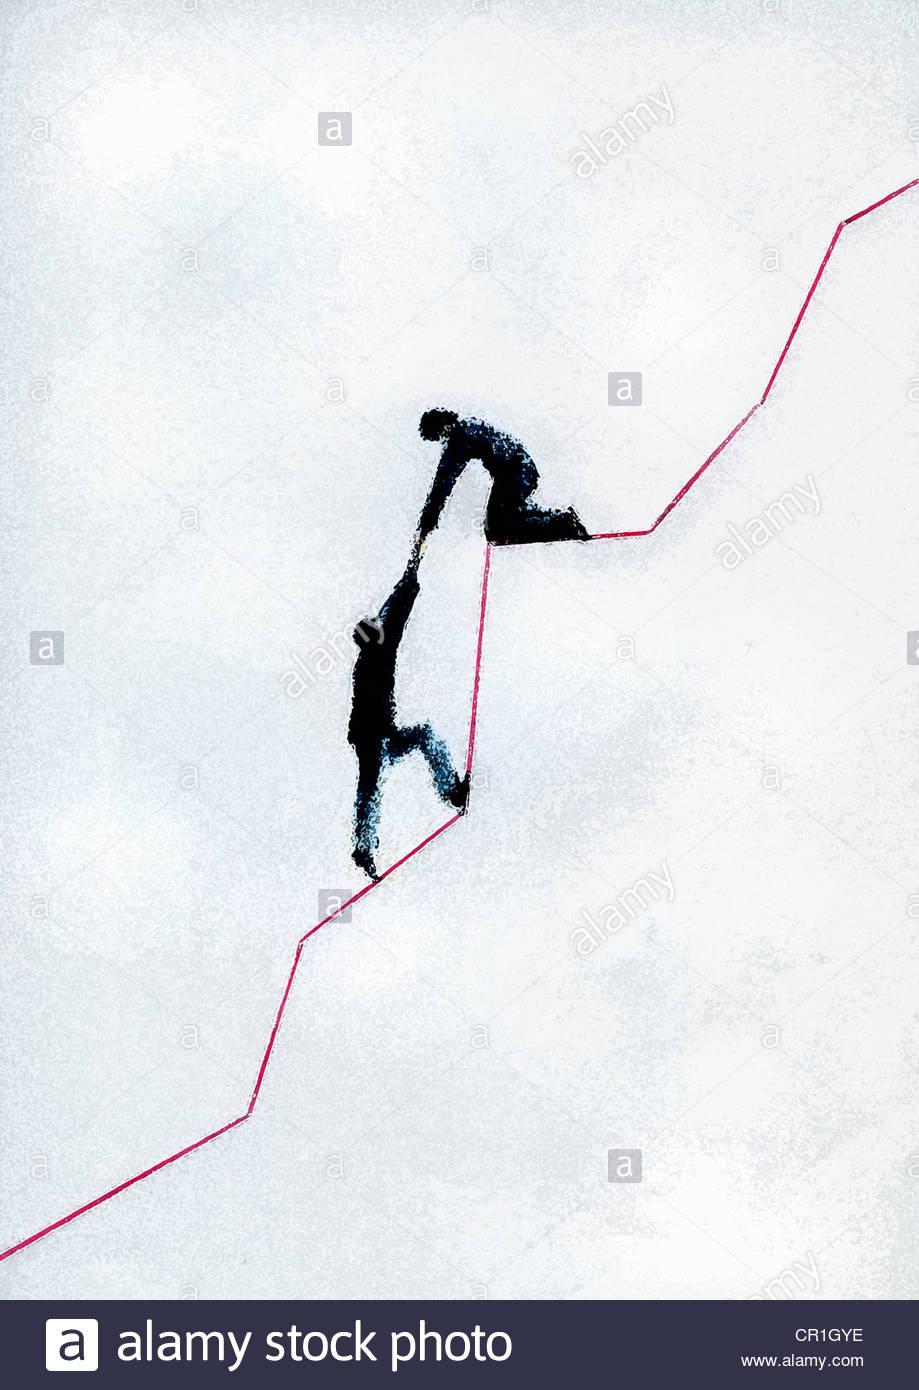 Collega aiutando imprenditore salire rising linea rossa del grafico Immagini Stock